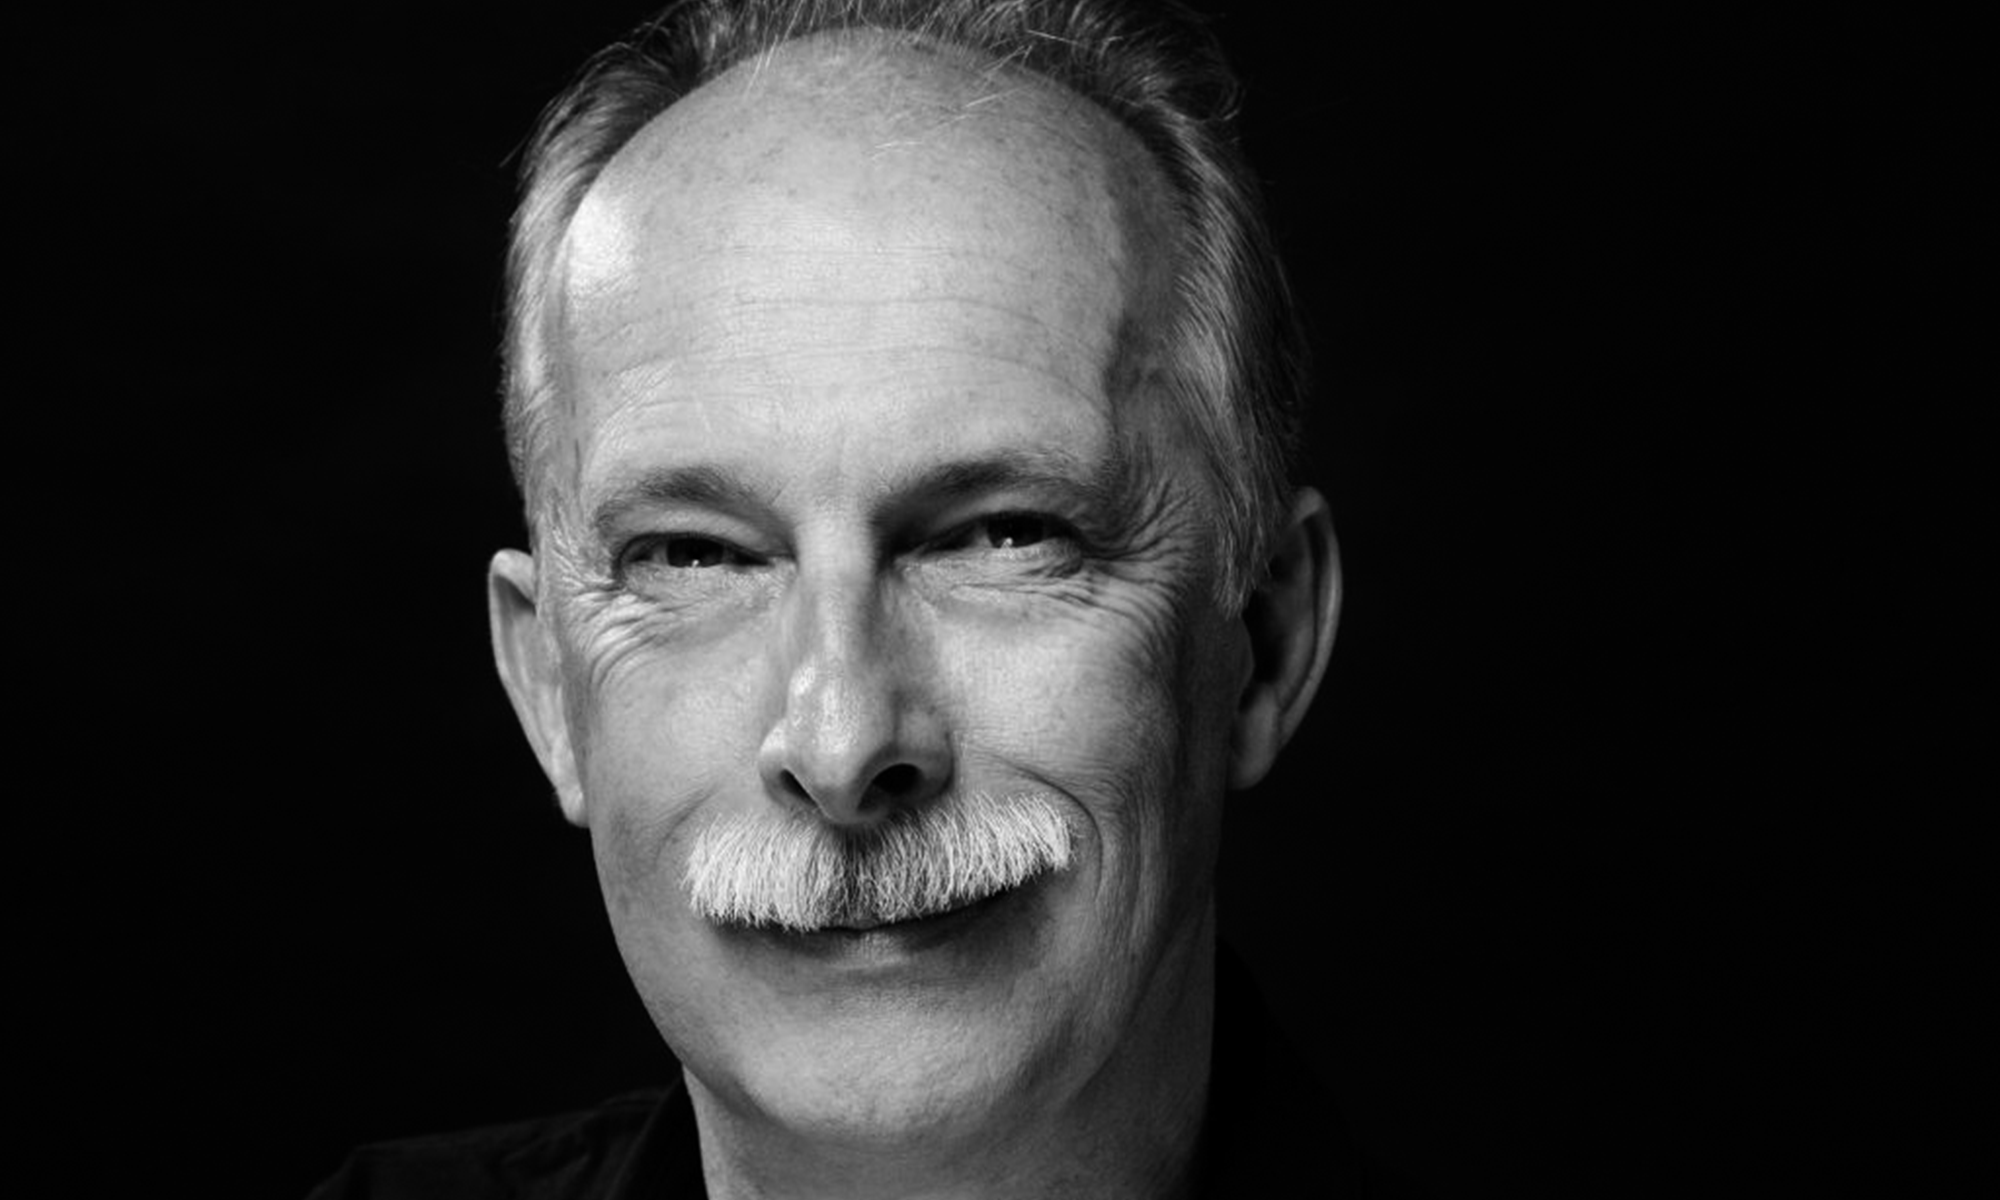 Frank Koppelmans